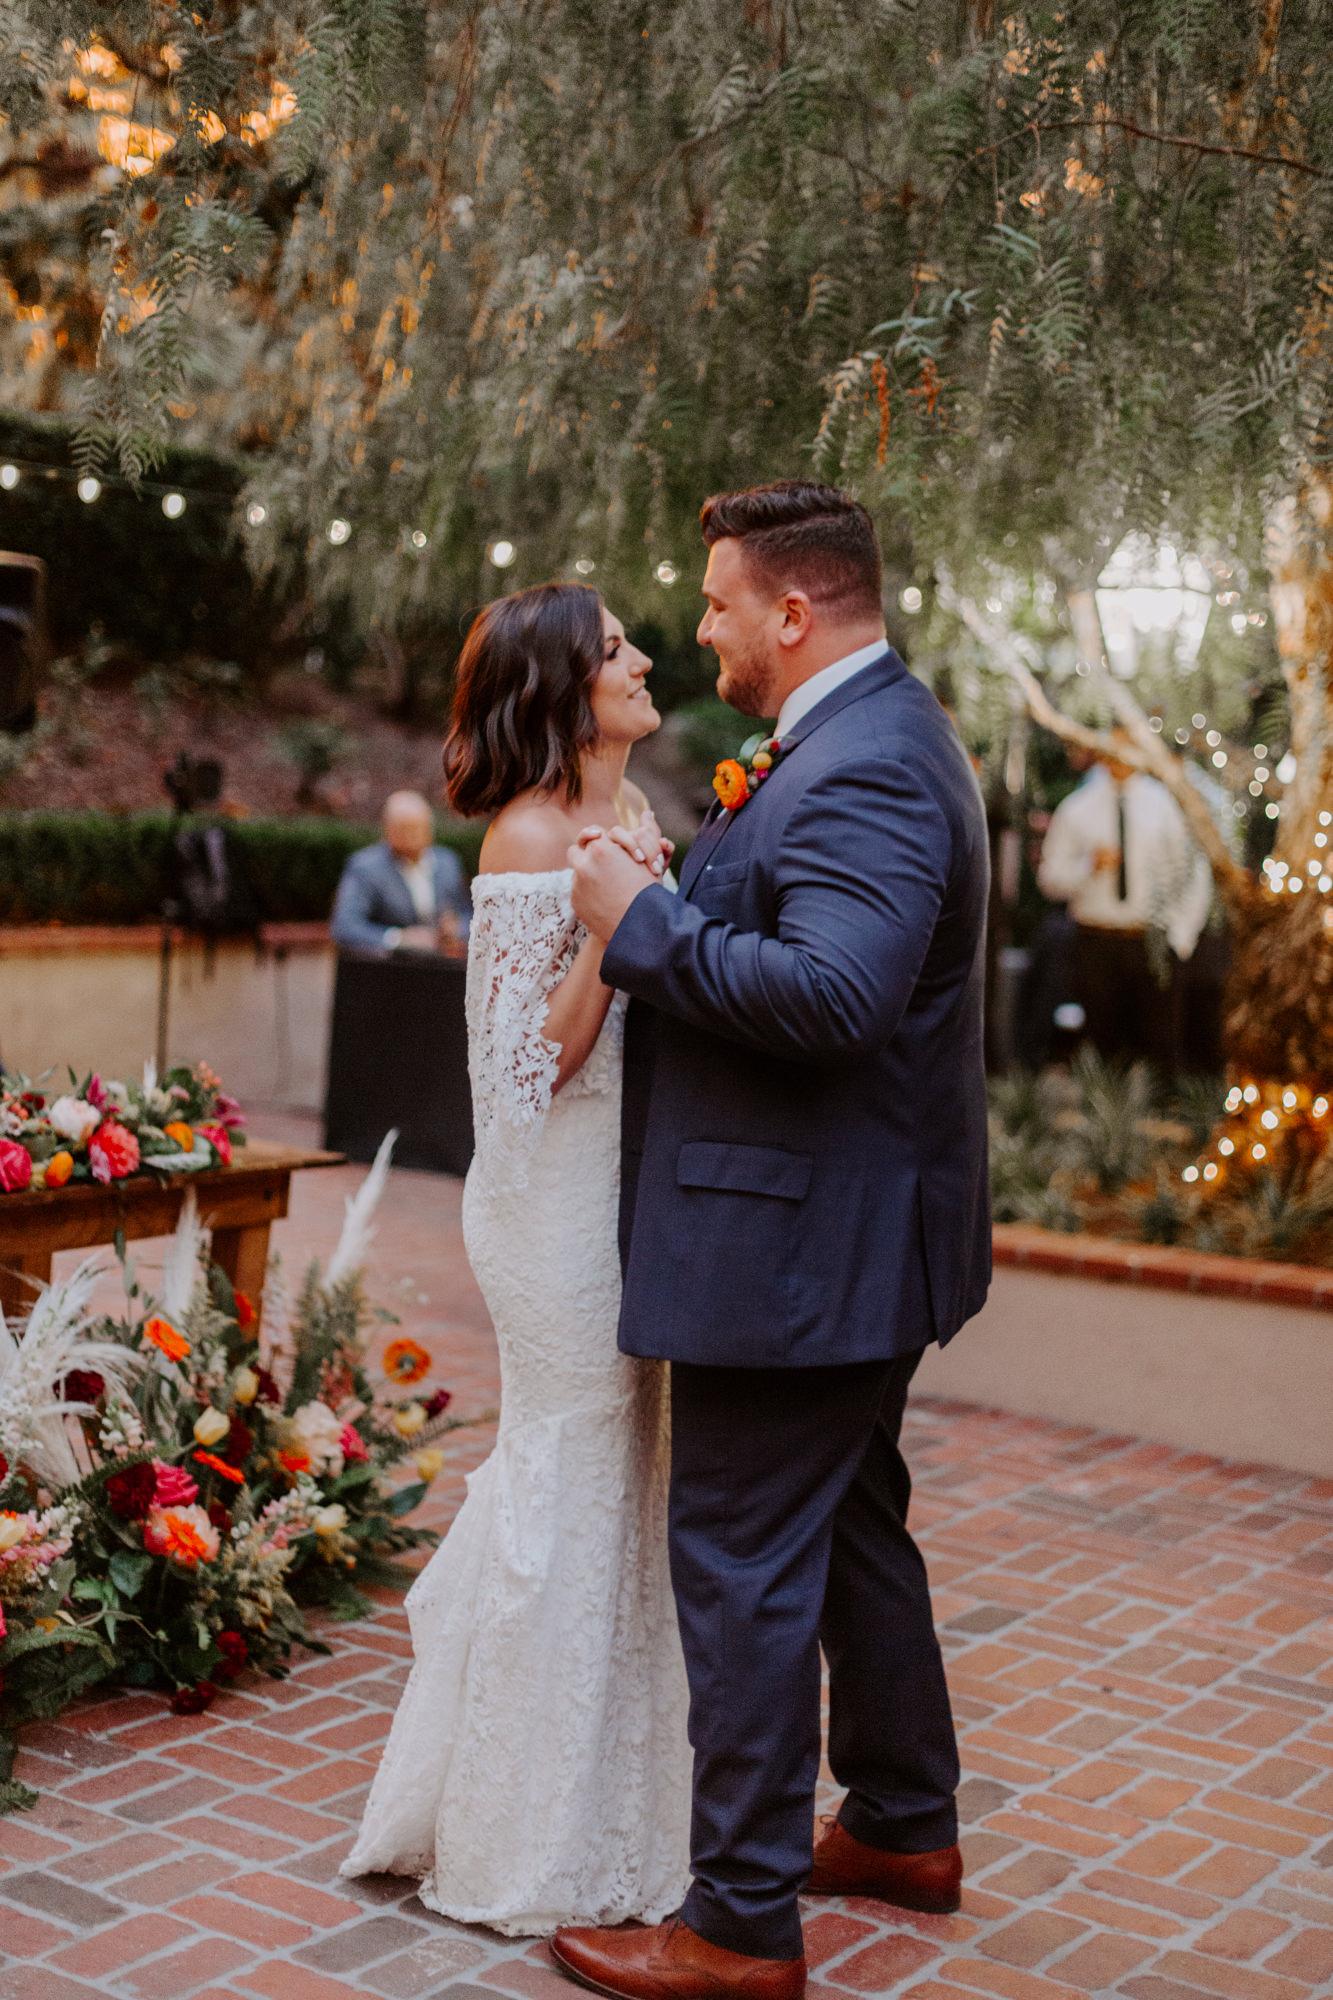 Rancho bernardo Inn san deigo wedding photography0090.jpg